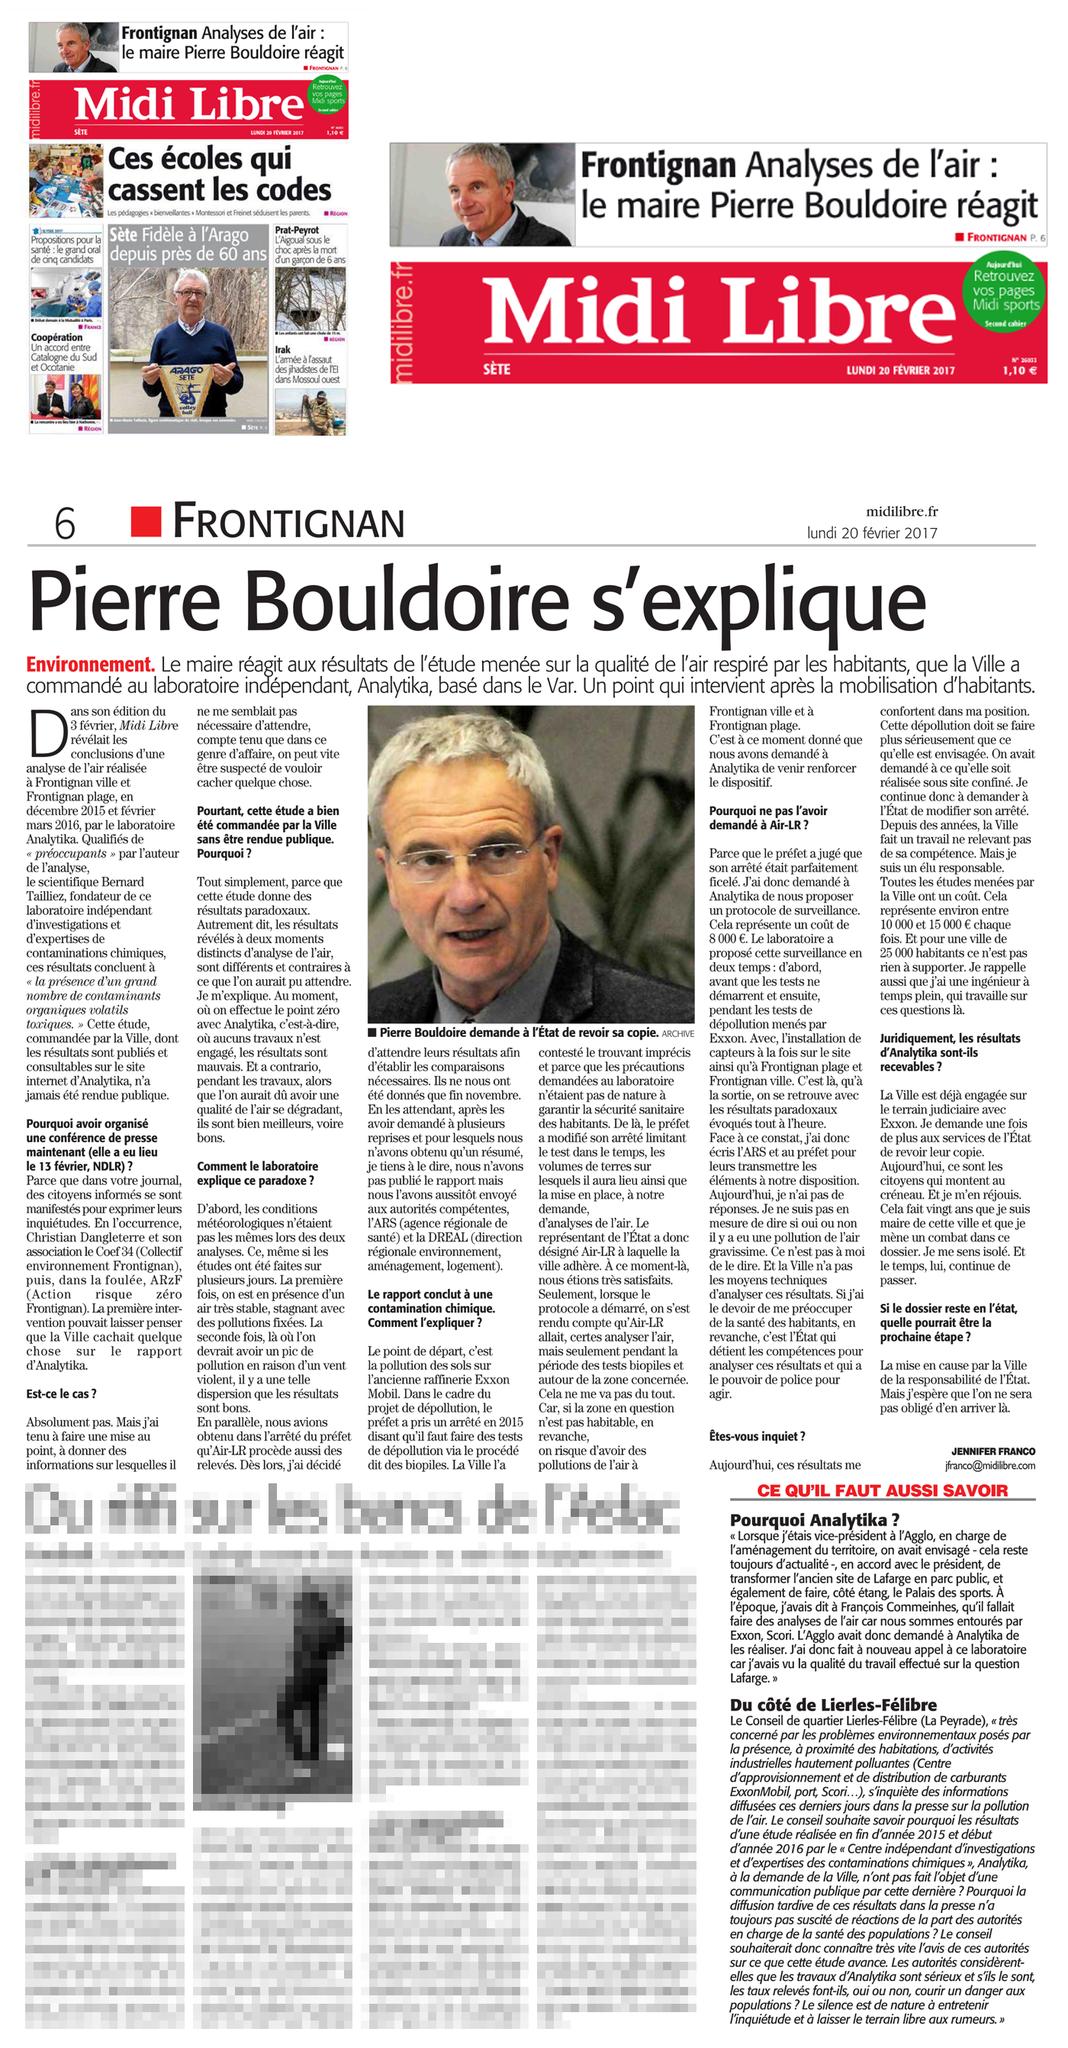 """20 FEVRIER 2017 > MIDI-LIBRE : """"Frontignan : Analyses de l'air, le maire Pierre Bouldoire réagit"""""""